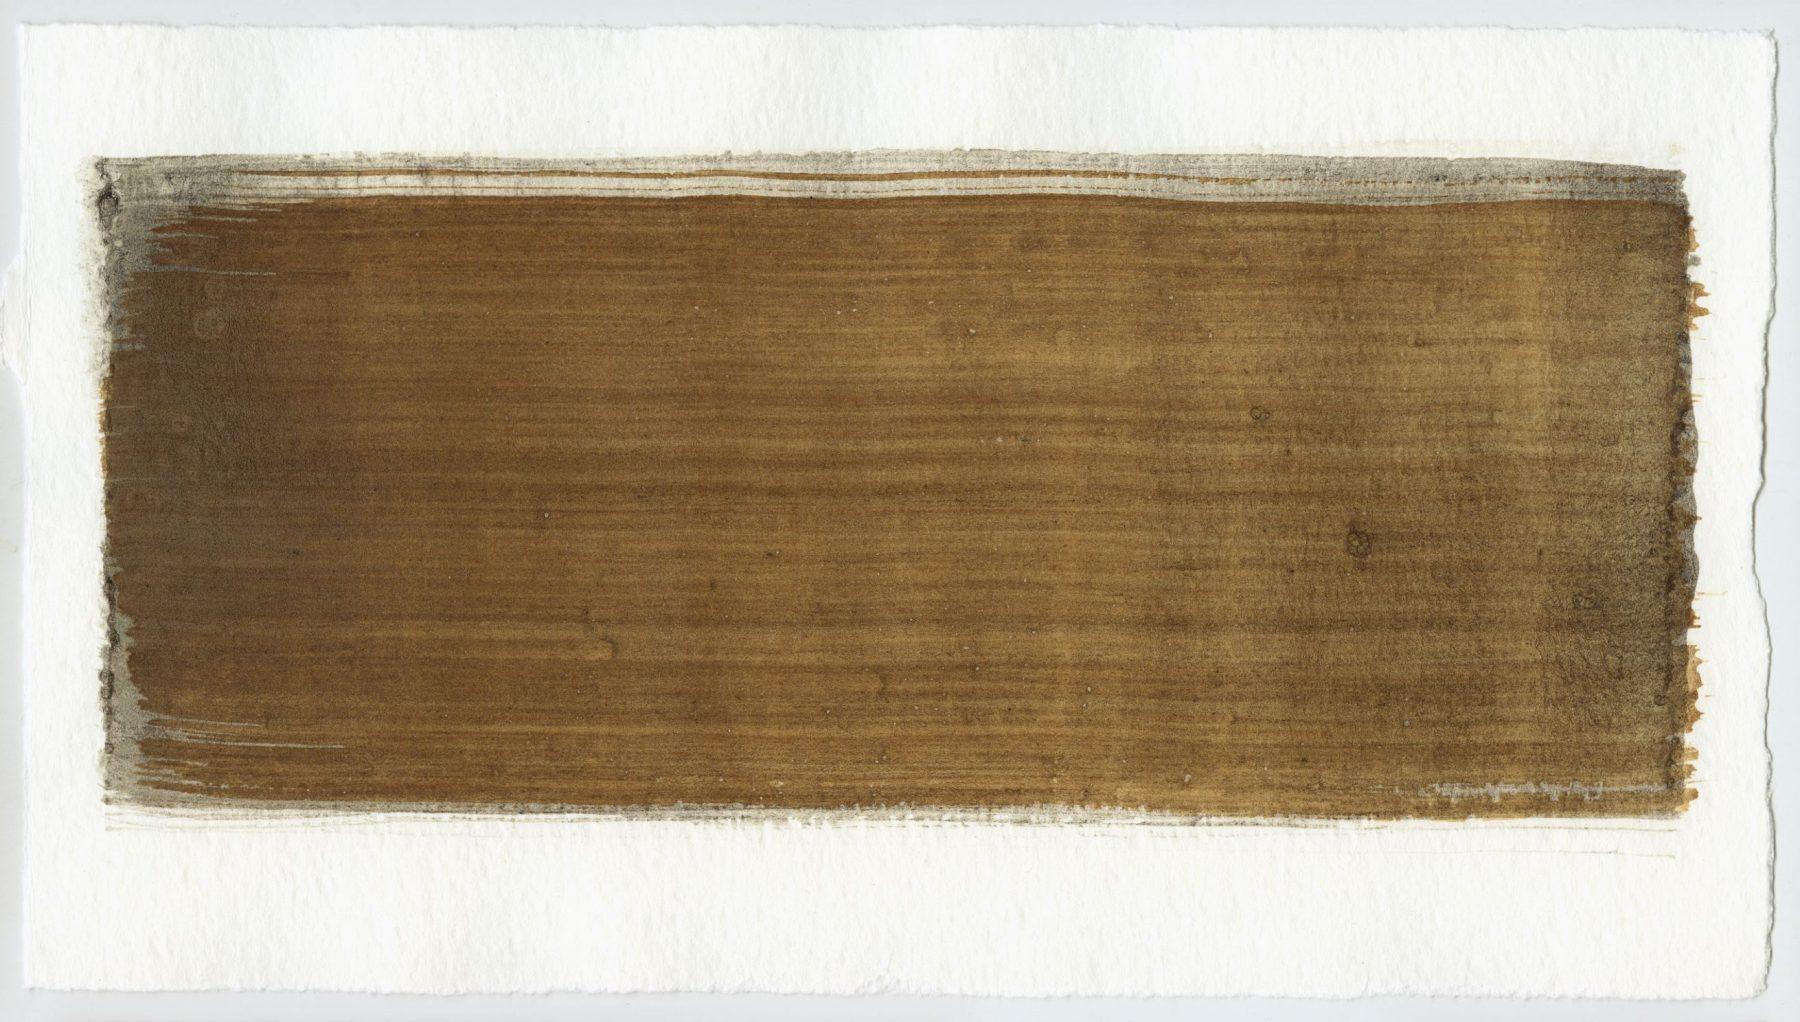 Brush stroke no. 67 - Selfmade pigment: Mortel paarsgrijs middel, Perekker grijs gebrand, IJzeroer